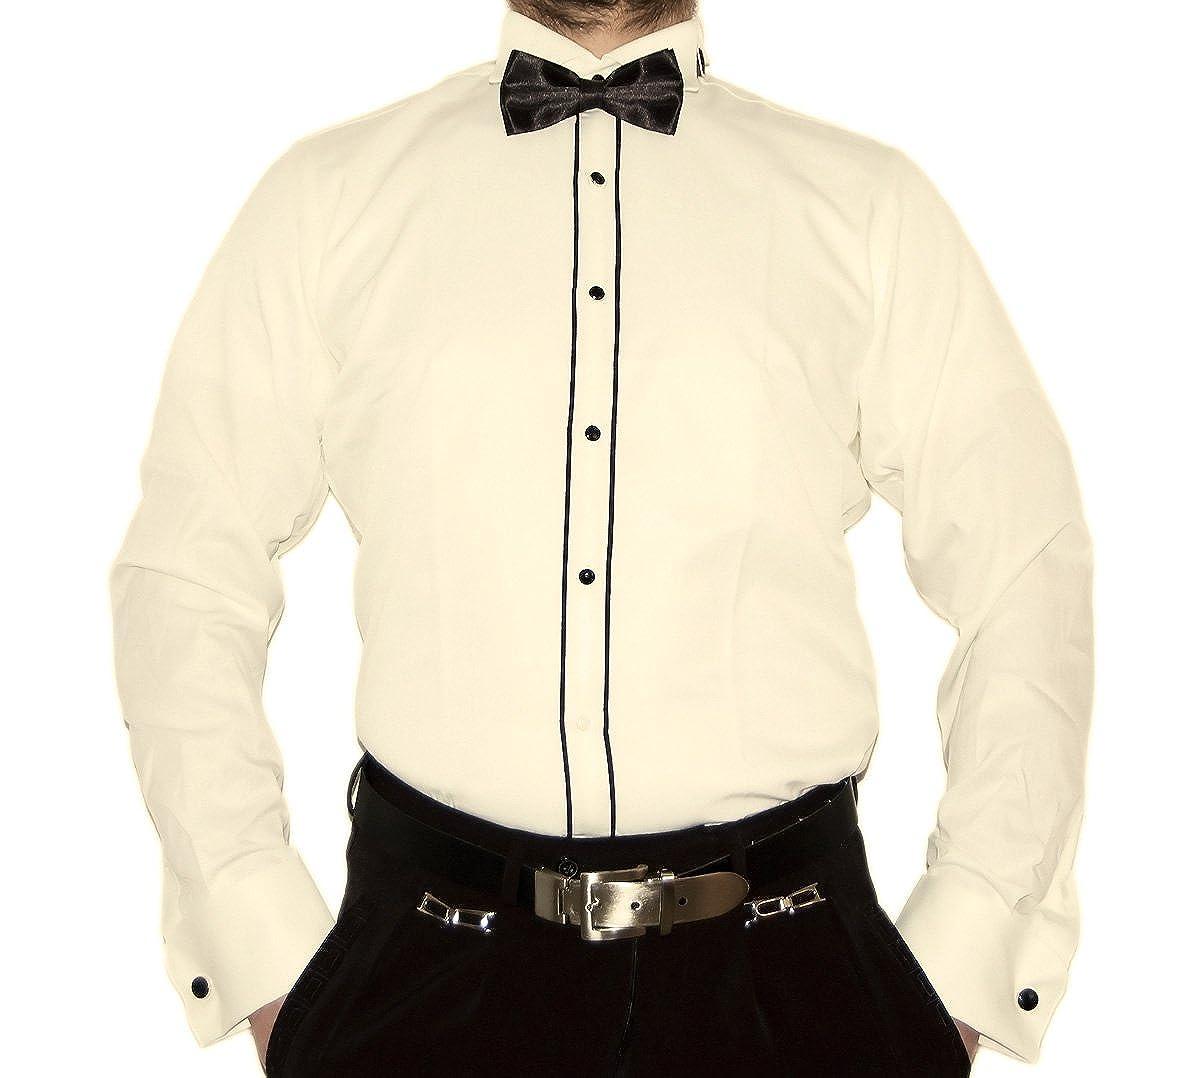 Herren Designer Smoking Smoking Smoking Hemd Kläppchenkragen Tailliert Fliege Slim Fit Manschettenknöpfe S16 Langarm B01N4RL57A Business Einfaches Leben 09b9e0